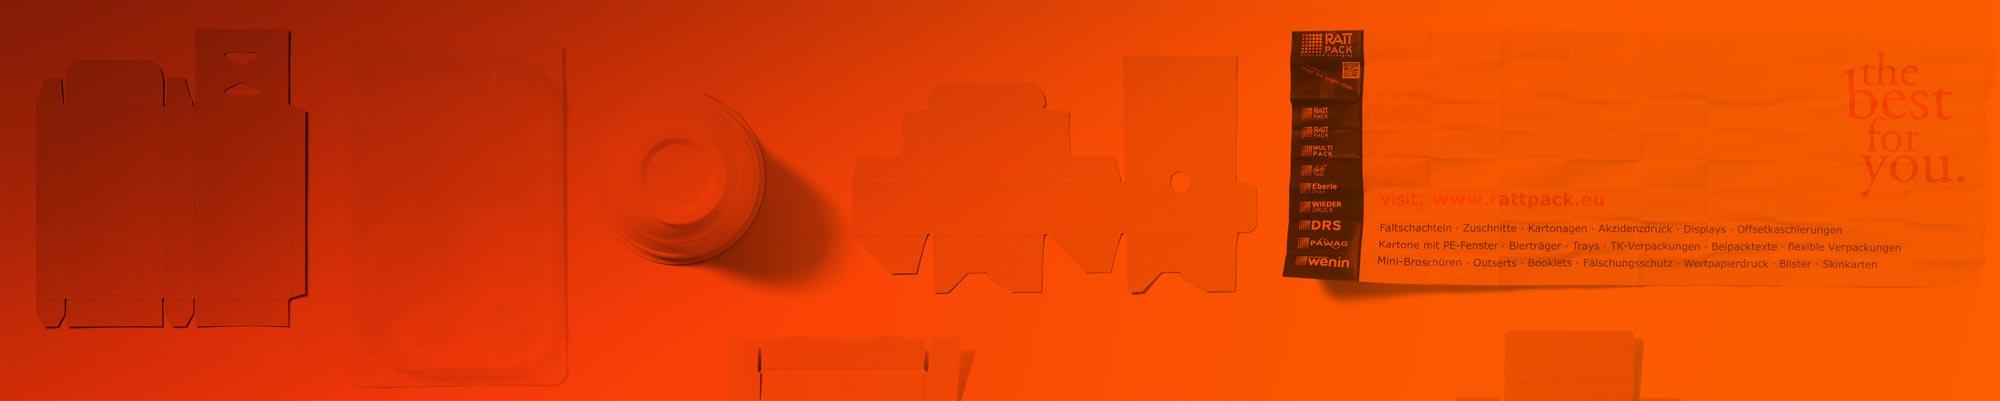 Shelf Ready Packaging (SRP) - Vorteile der mehrteiligen Verpackung: Transport, Logistik, Regal & Präsentation. Am POS, für Verbrauchermärkte vom Hersteller - RATTPACk® - Verpackungen in AT und DE